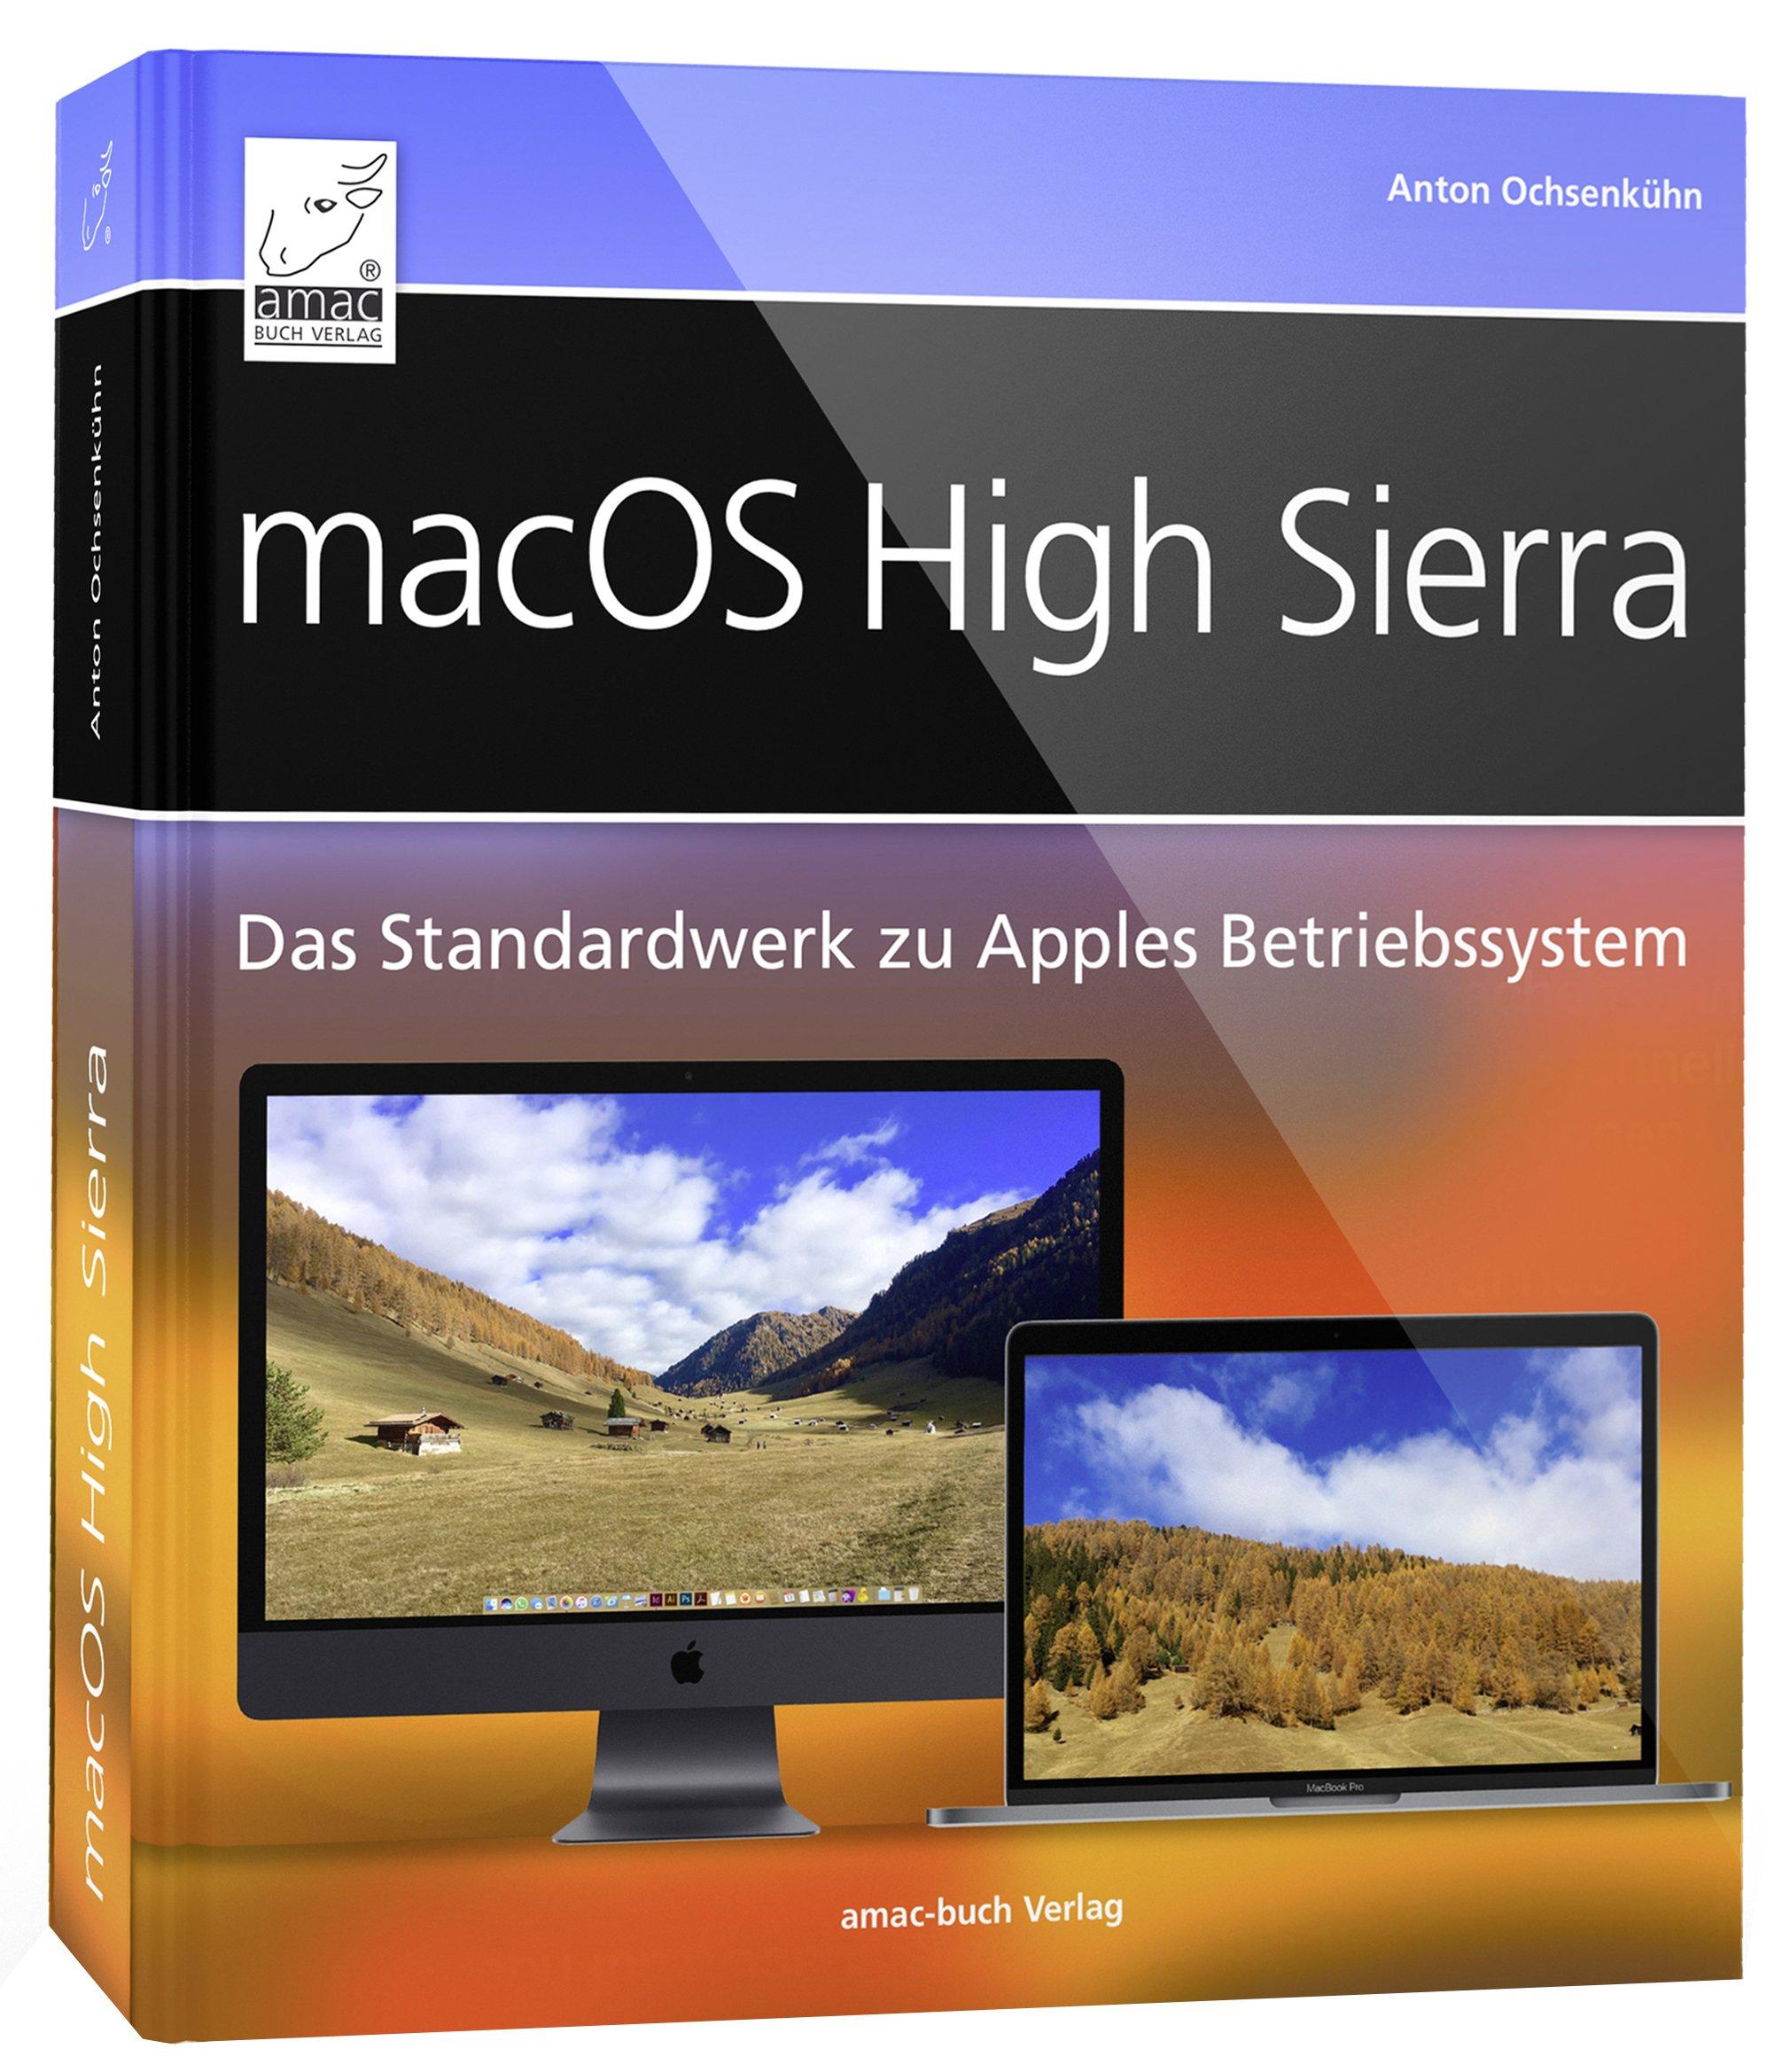 macos-high-sierra-standardwerk-fr-einsteiger-und-umsteiger-umfassend-und-praxisnah-fr-imac-macbook-mac-mini-alles-ber-spotlight-time-auf-dem-mac-datenbernahme-von-windows-etc